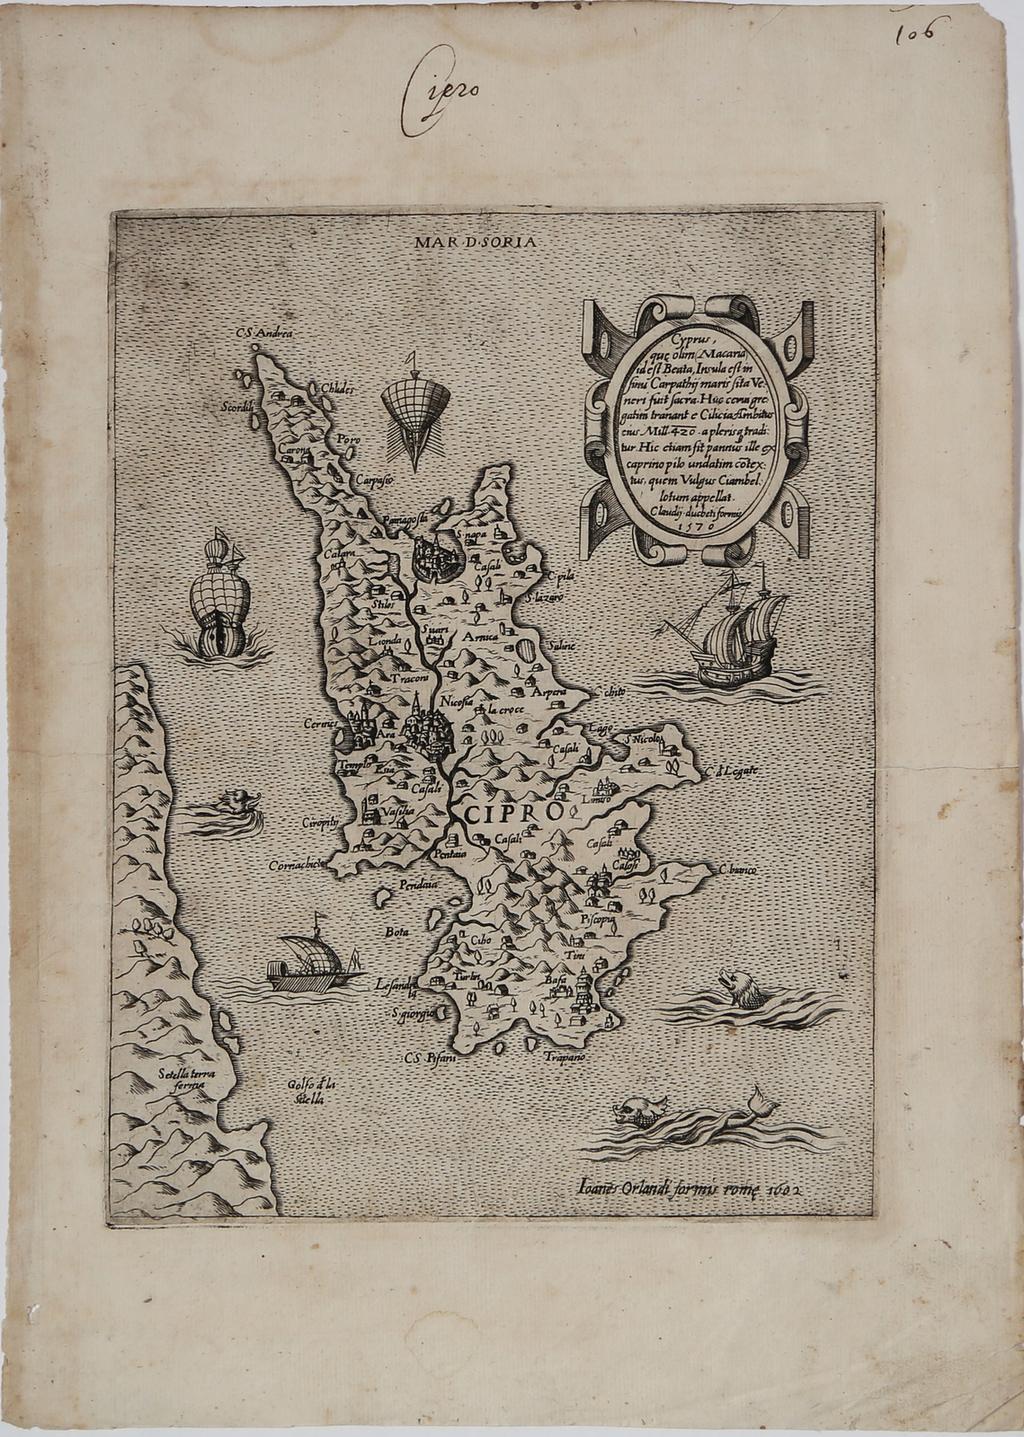 Cyprus, que olim (Macaria) id est Beata, Insula est in sinu Carpatij maris sita Veneri fuit sacra . . . 1570 By Paolo Forlani